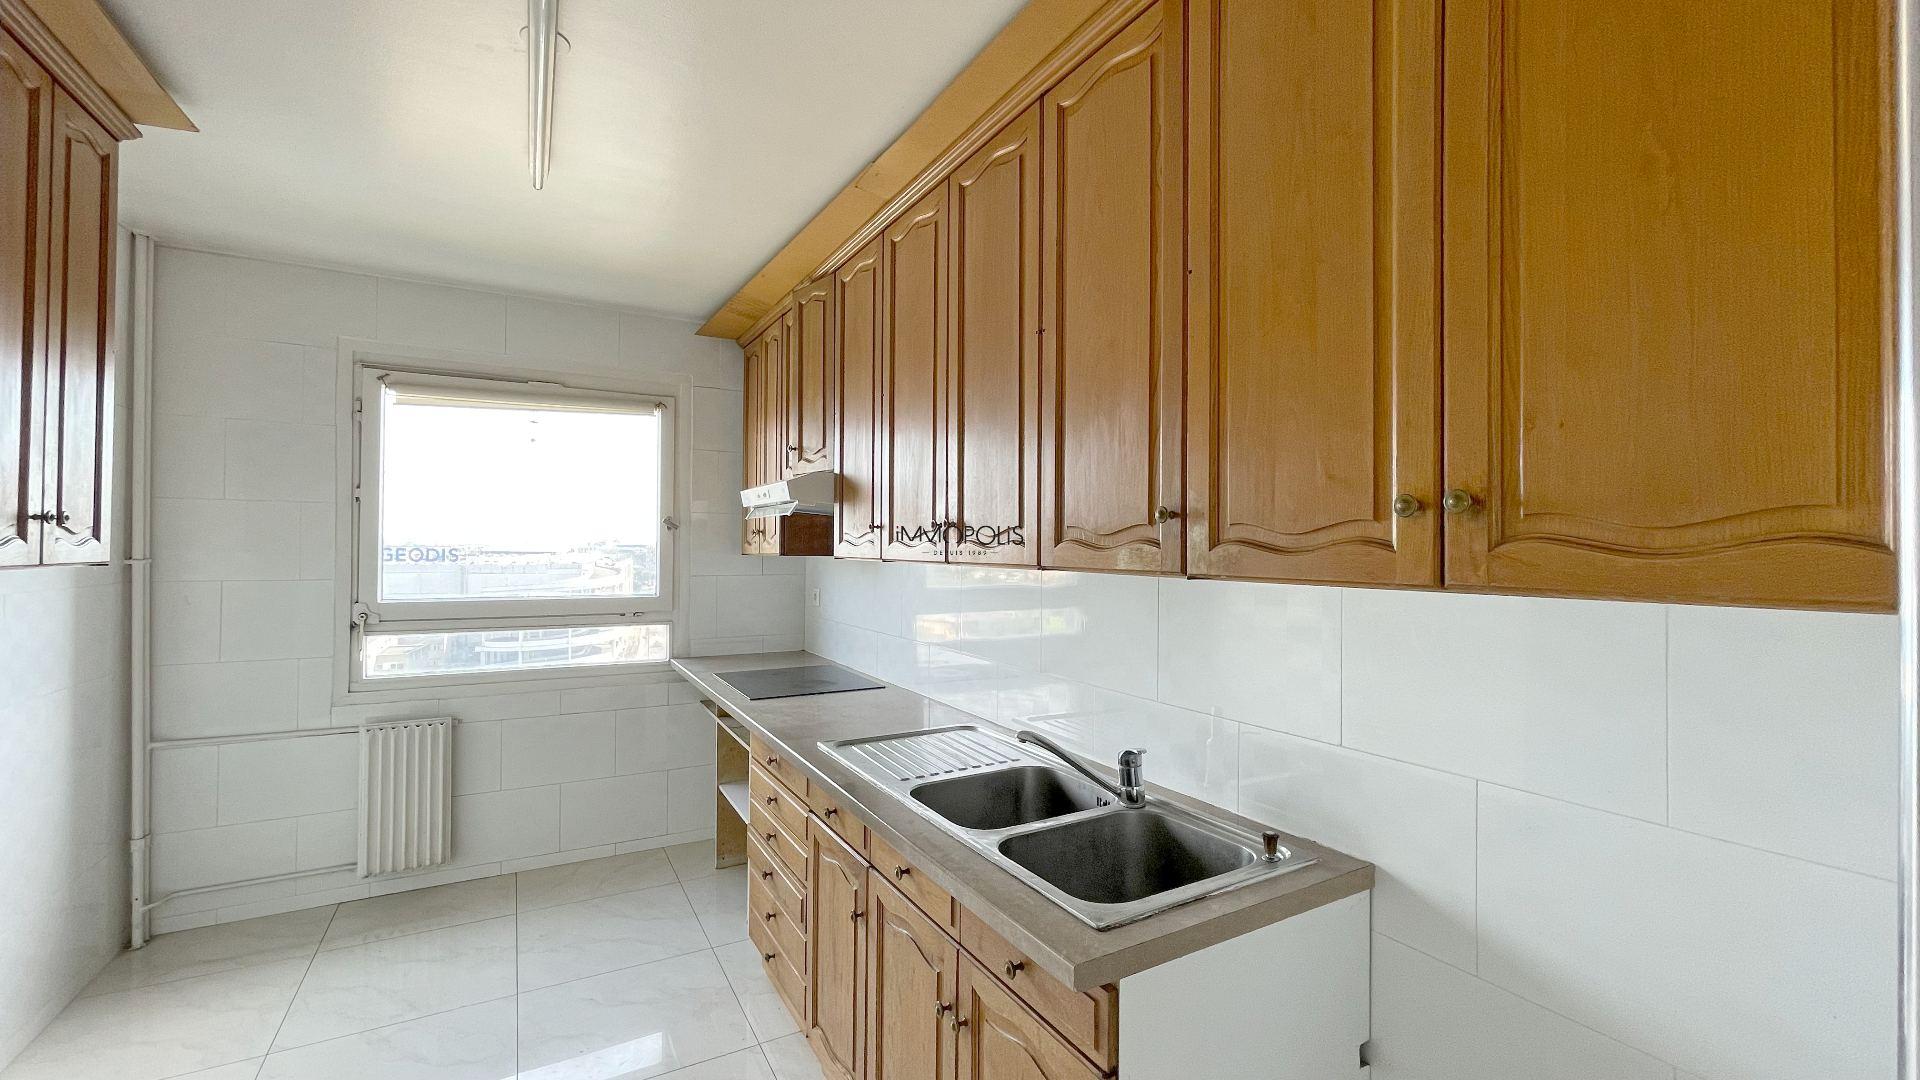 Appartement 3 pièces avec vue dégagée de 63.45m2 vendu avec un box ! 3